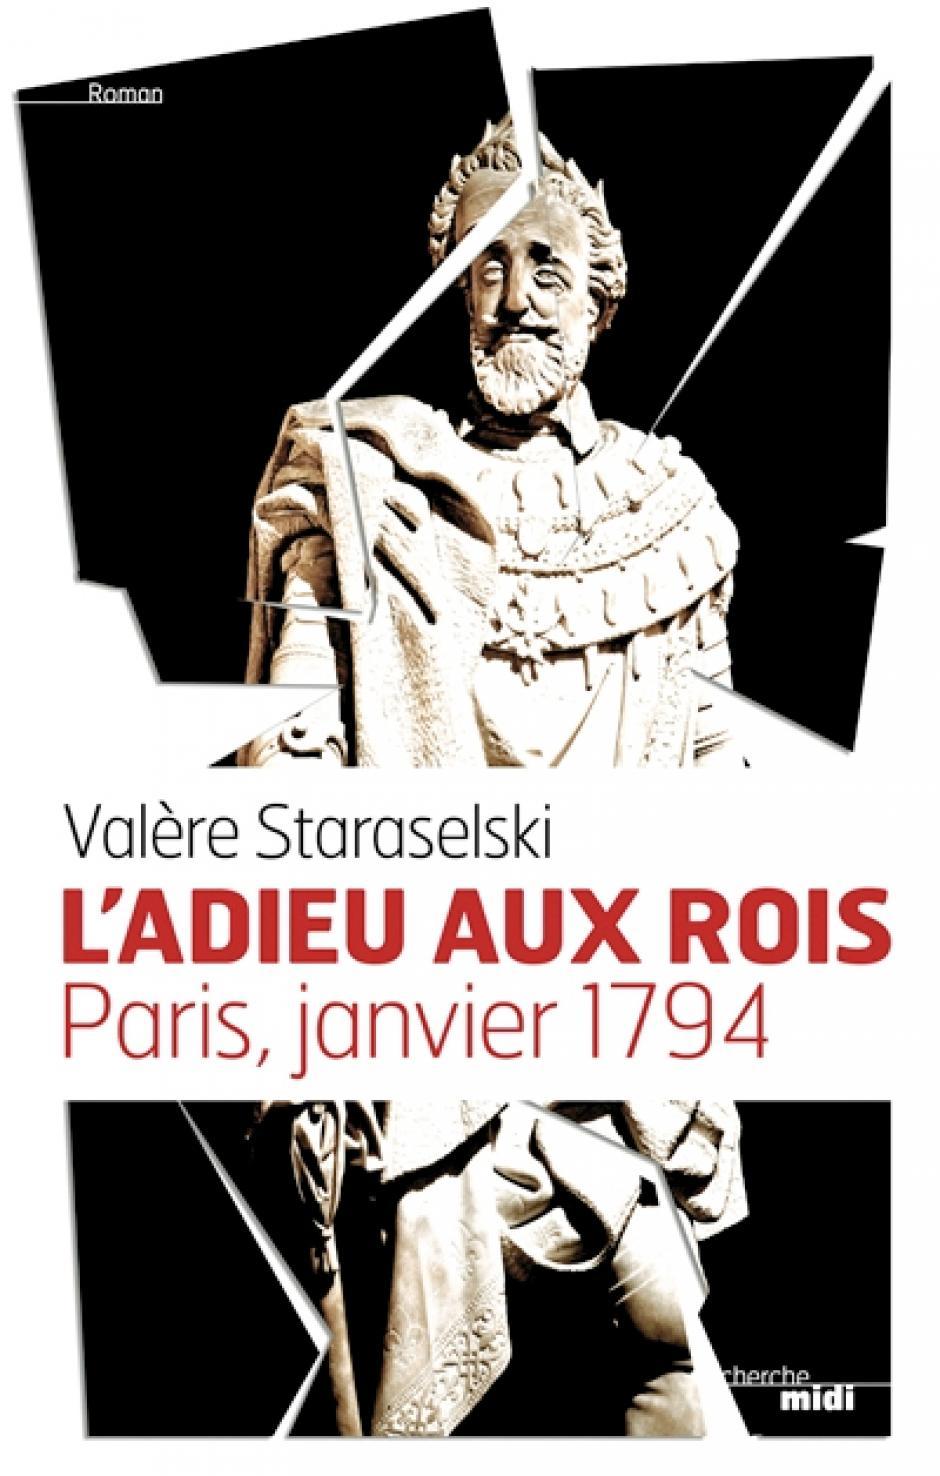 L'Adieu aux rois. Paris, janvier 1794, Valère Staraselski